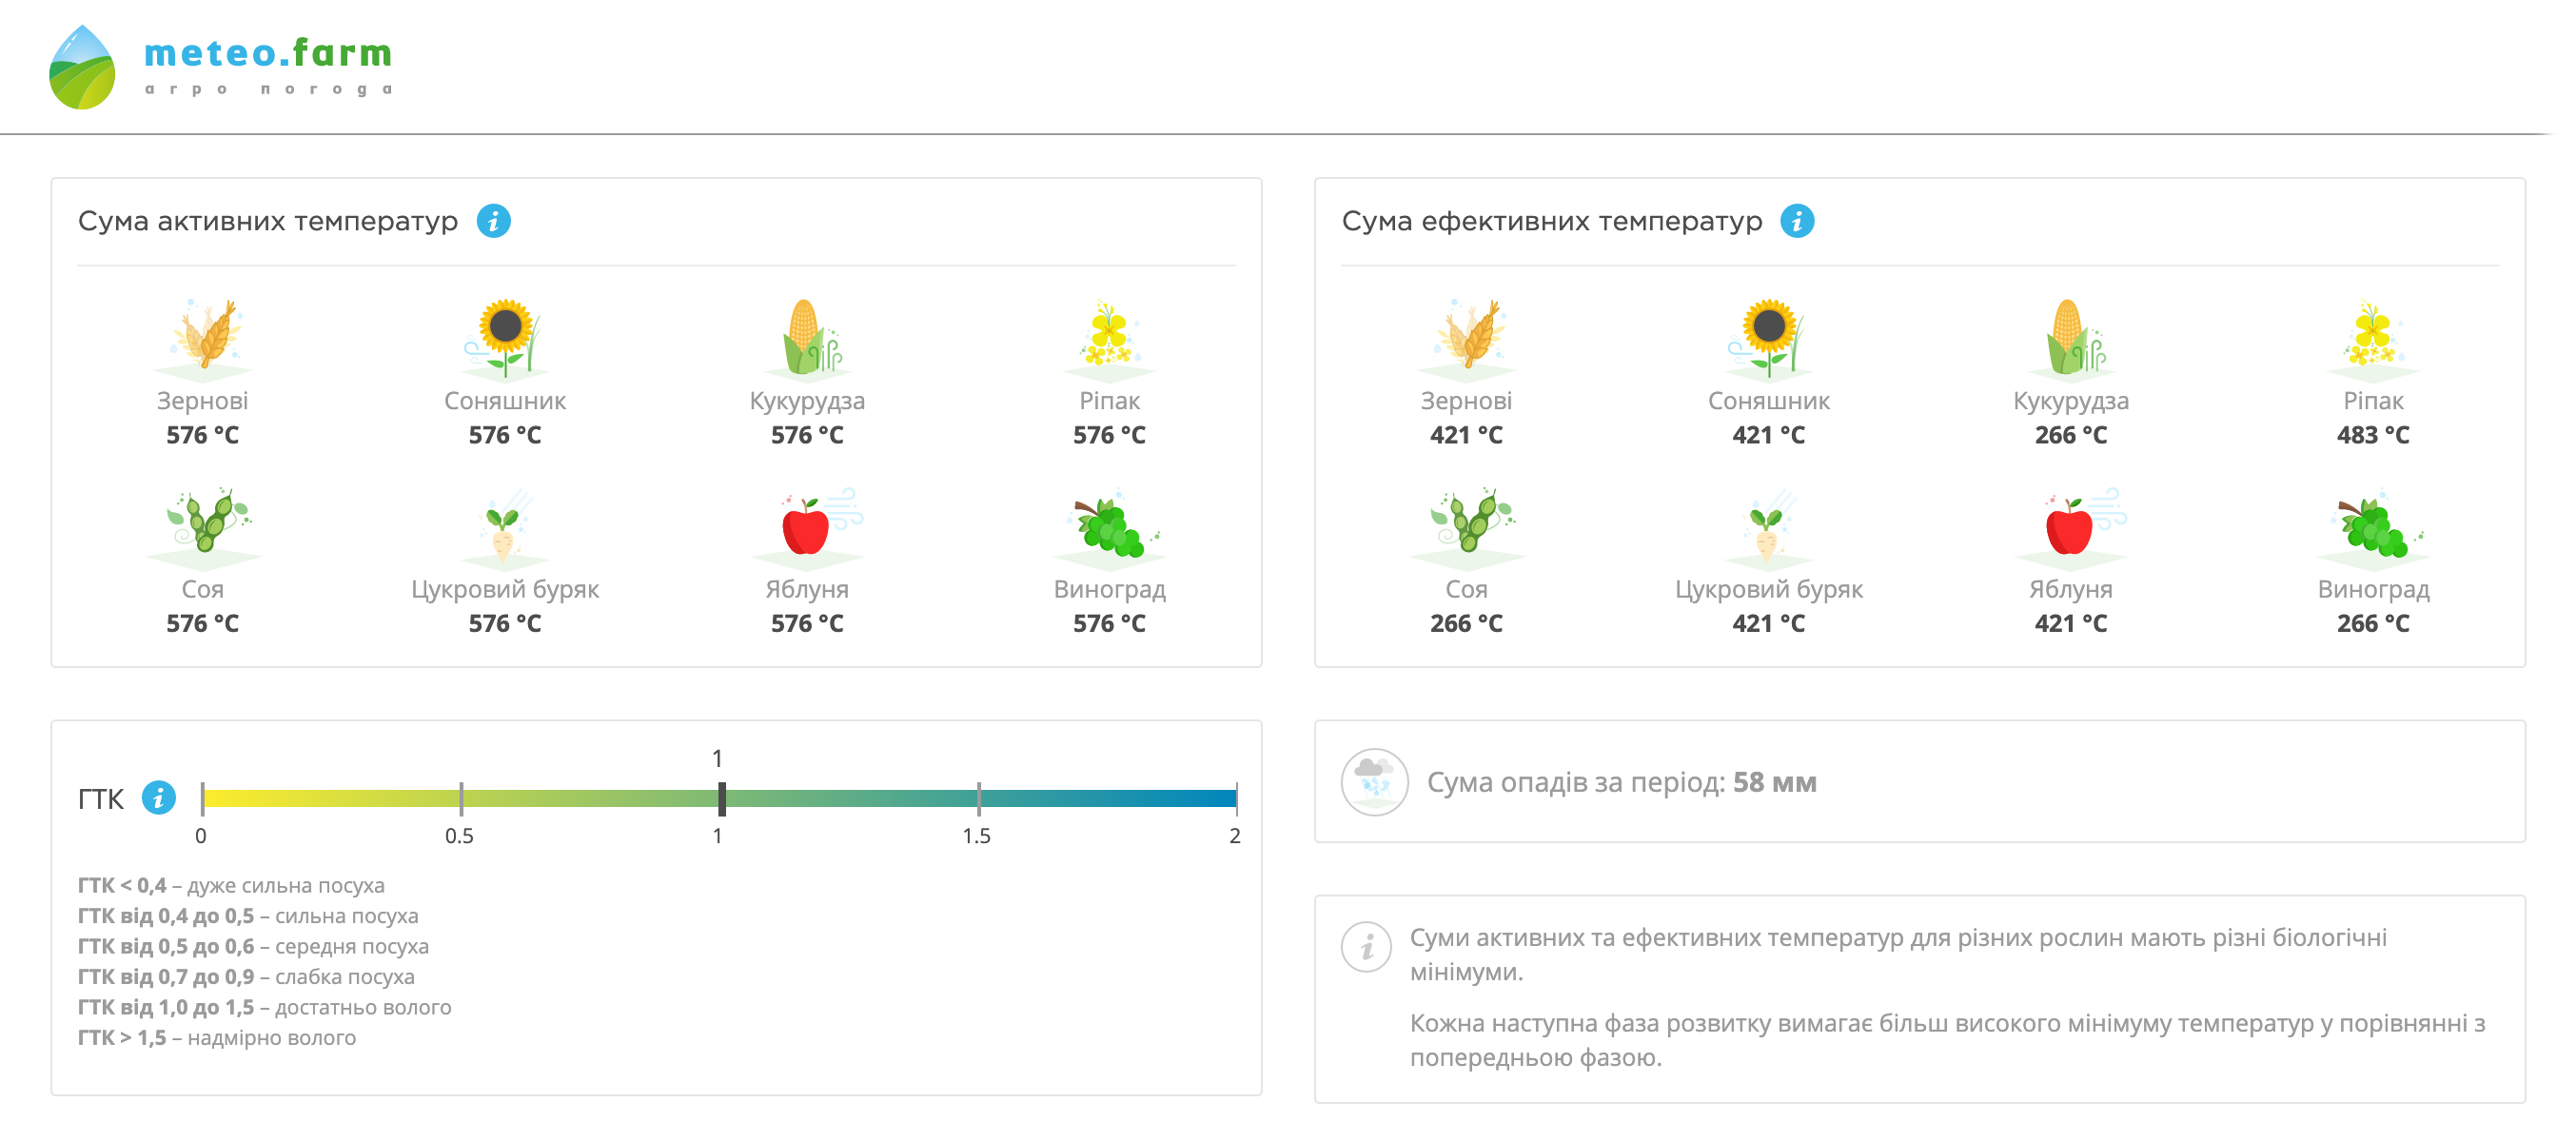 Відображення сум активних та ефективних температур у погодному сервісі Метео Фарм